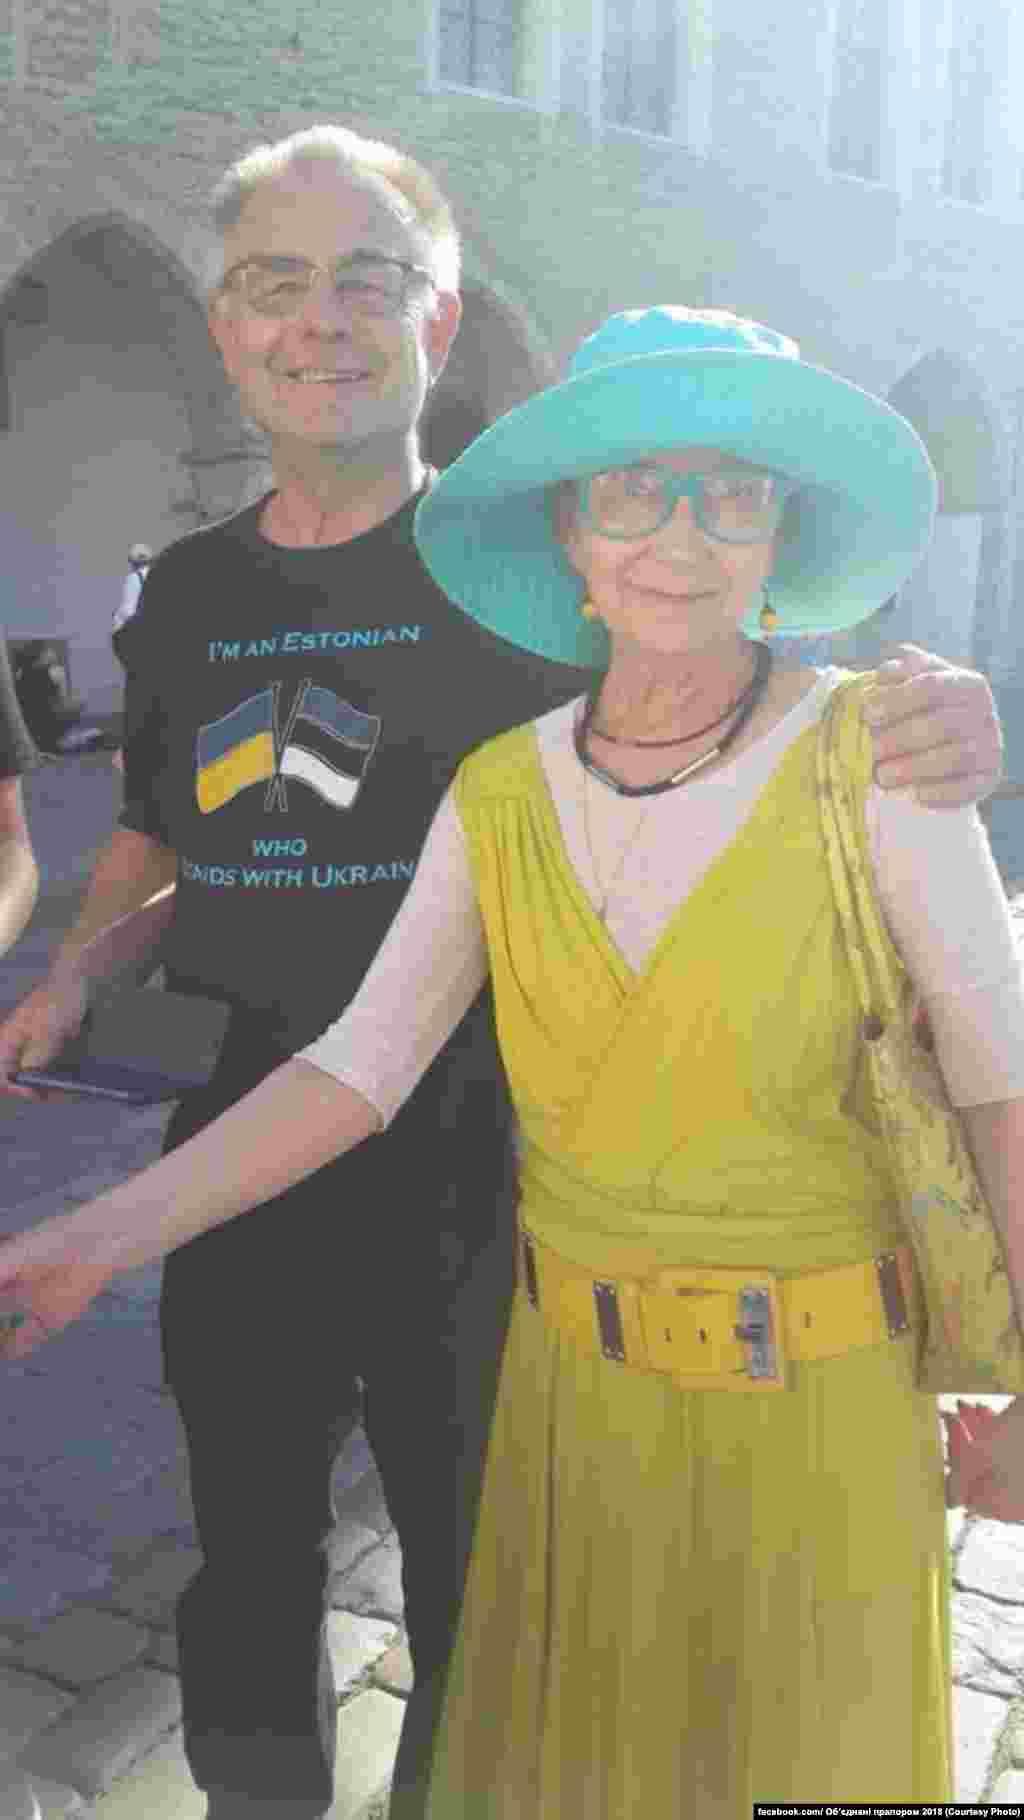 І їде до Таллінна, де на нього вже зачекалисяукраїнці Естонії, представник посольства України в Естонії, а також волонтери, які вже п'ятий рік підтримують Україну в боротьбі за незалежність, MTU Support Ukraine та MTU Vaba Ukraina. Вони залишили свої побажання та підписи захисникам України